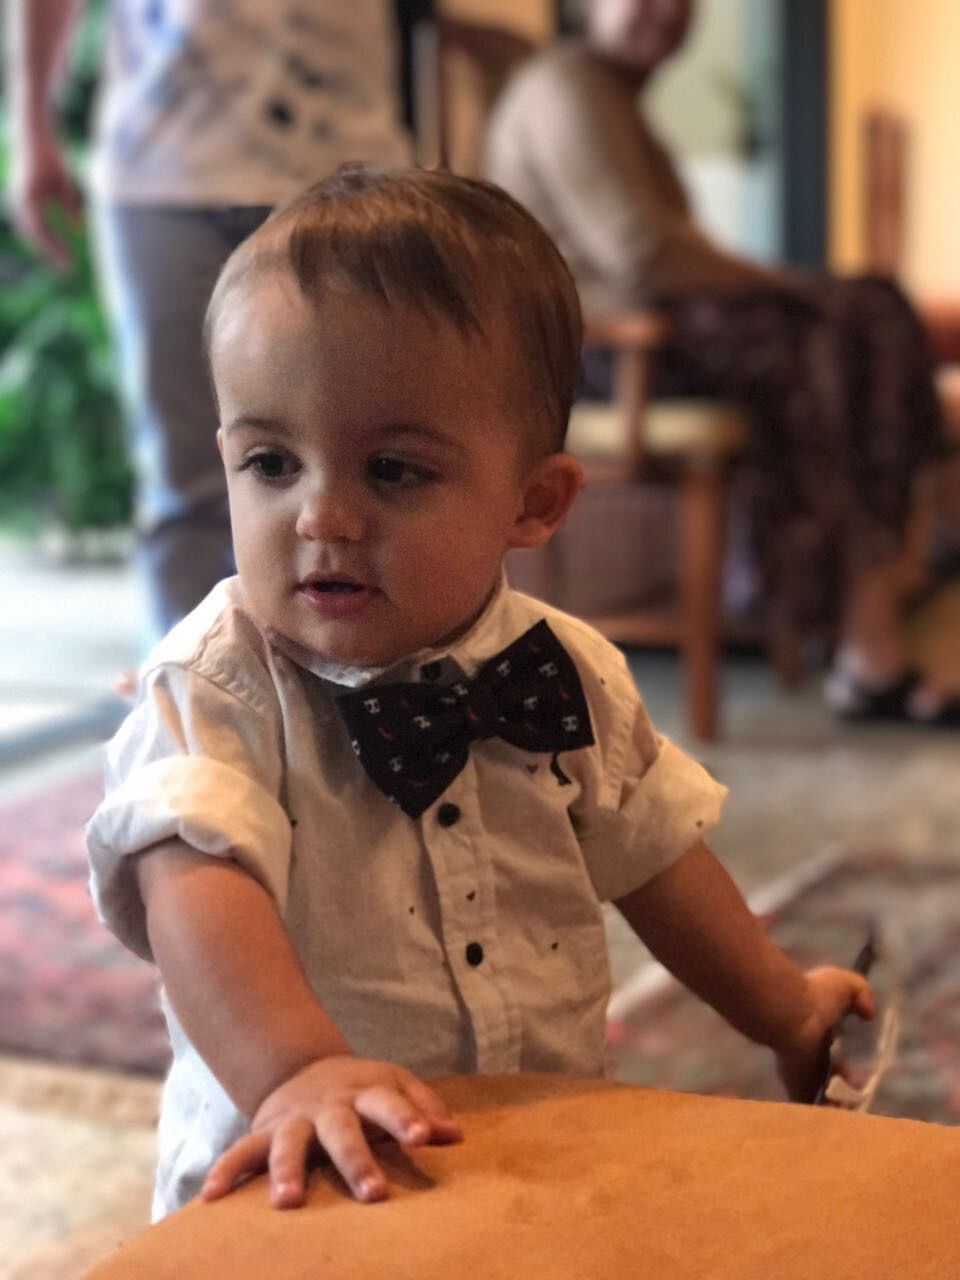 Blusa e gravata borboleta reserva.